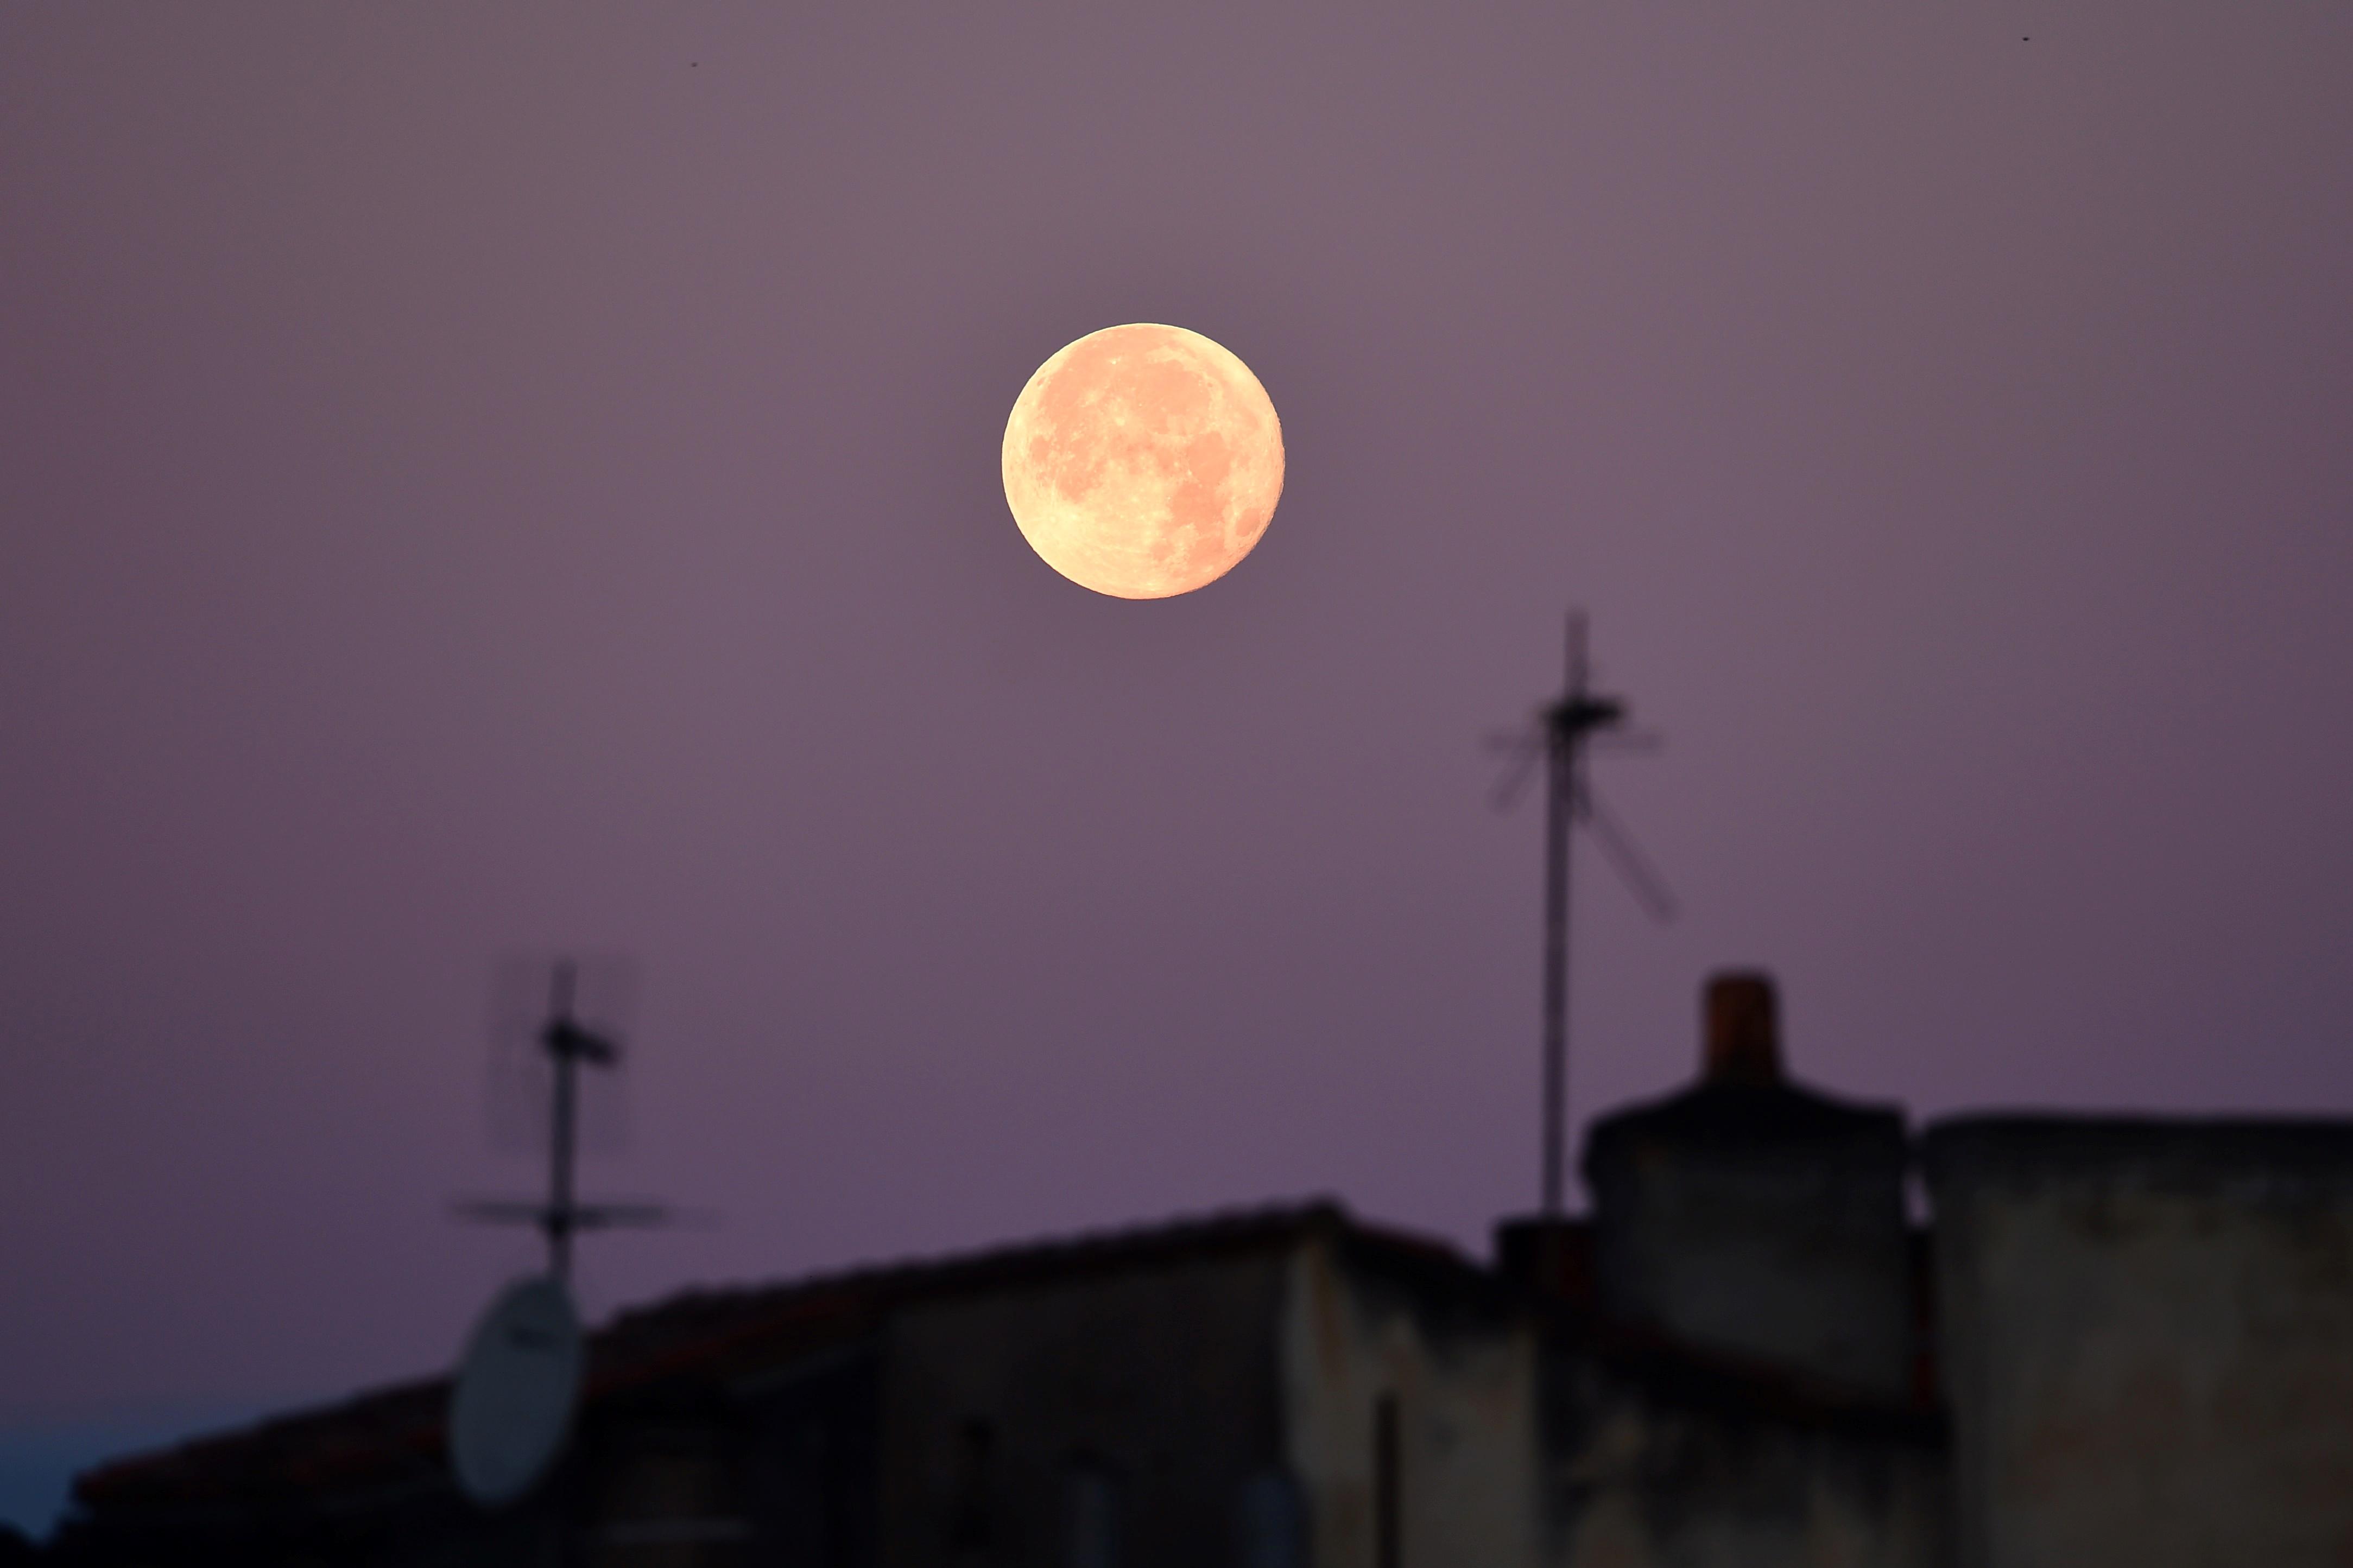 Francia |  Nicolas Tucat | AFP